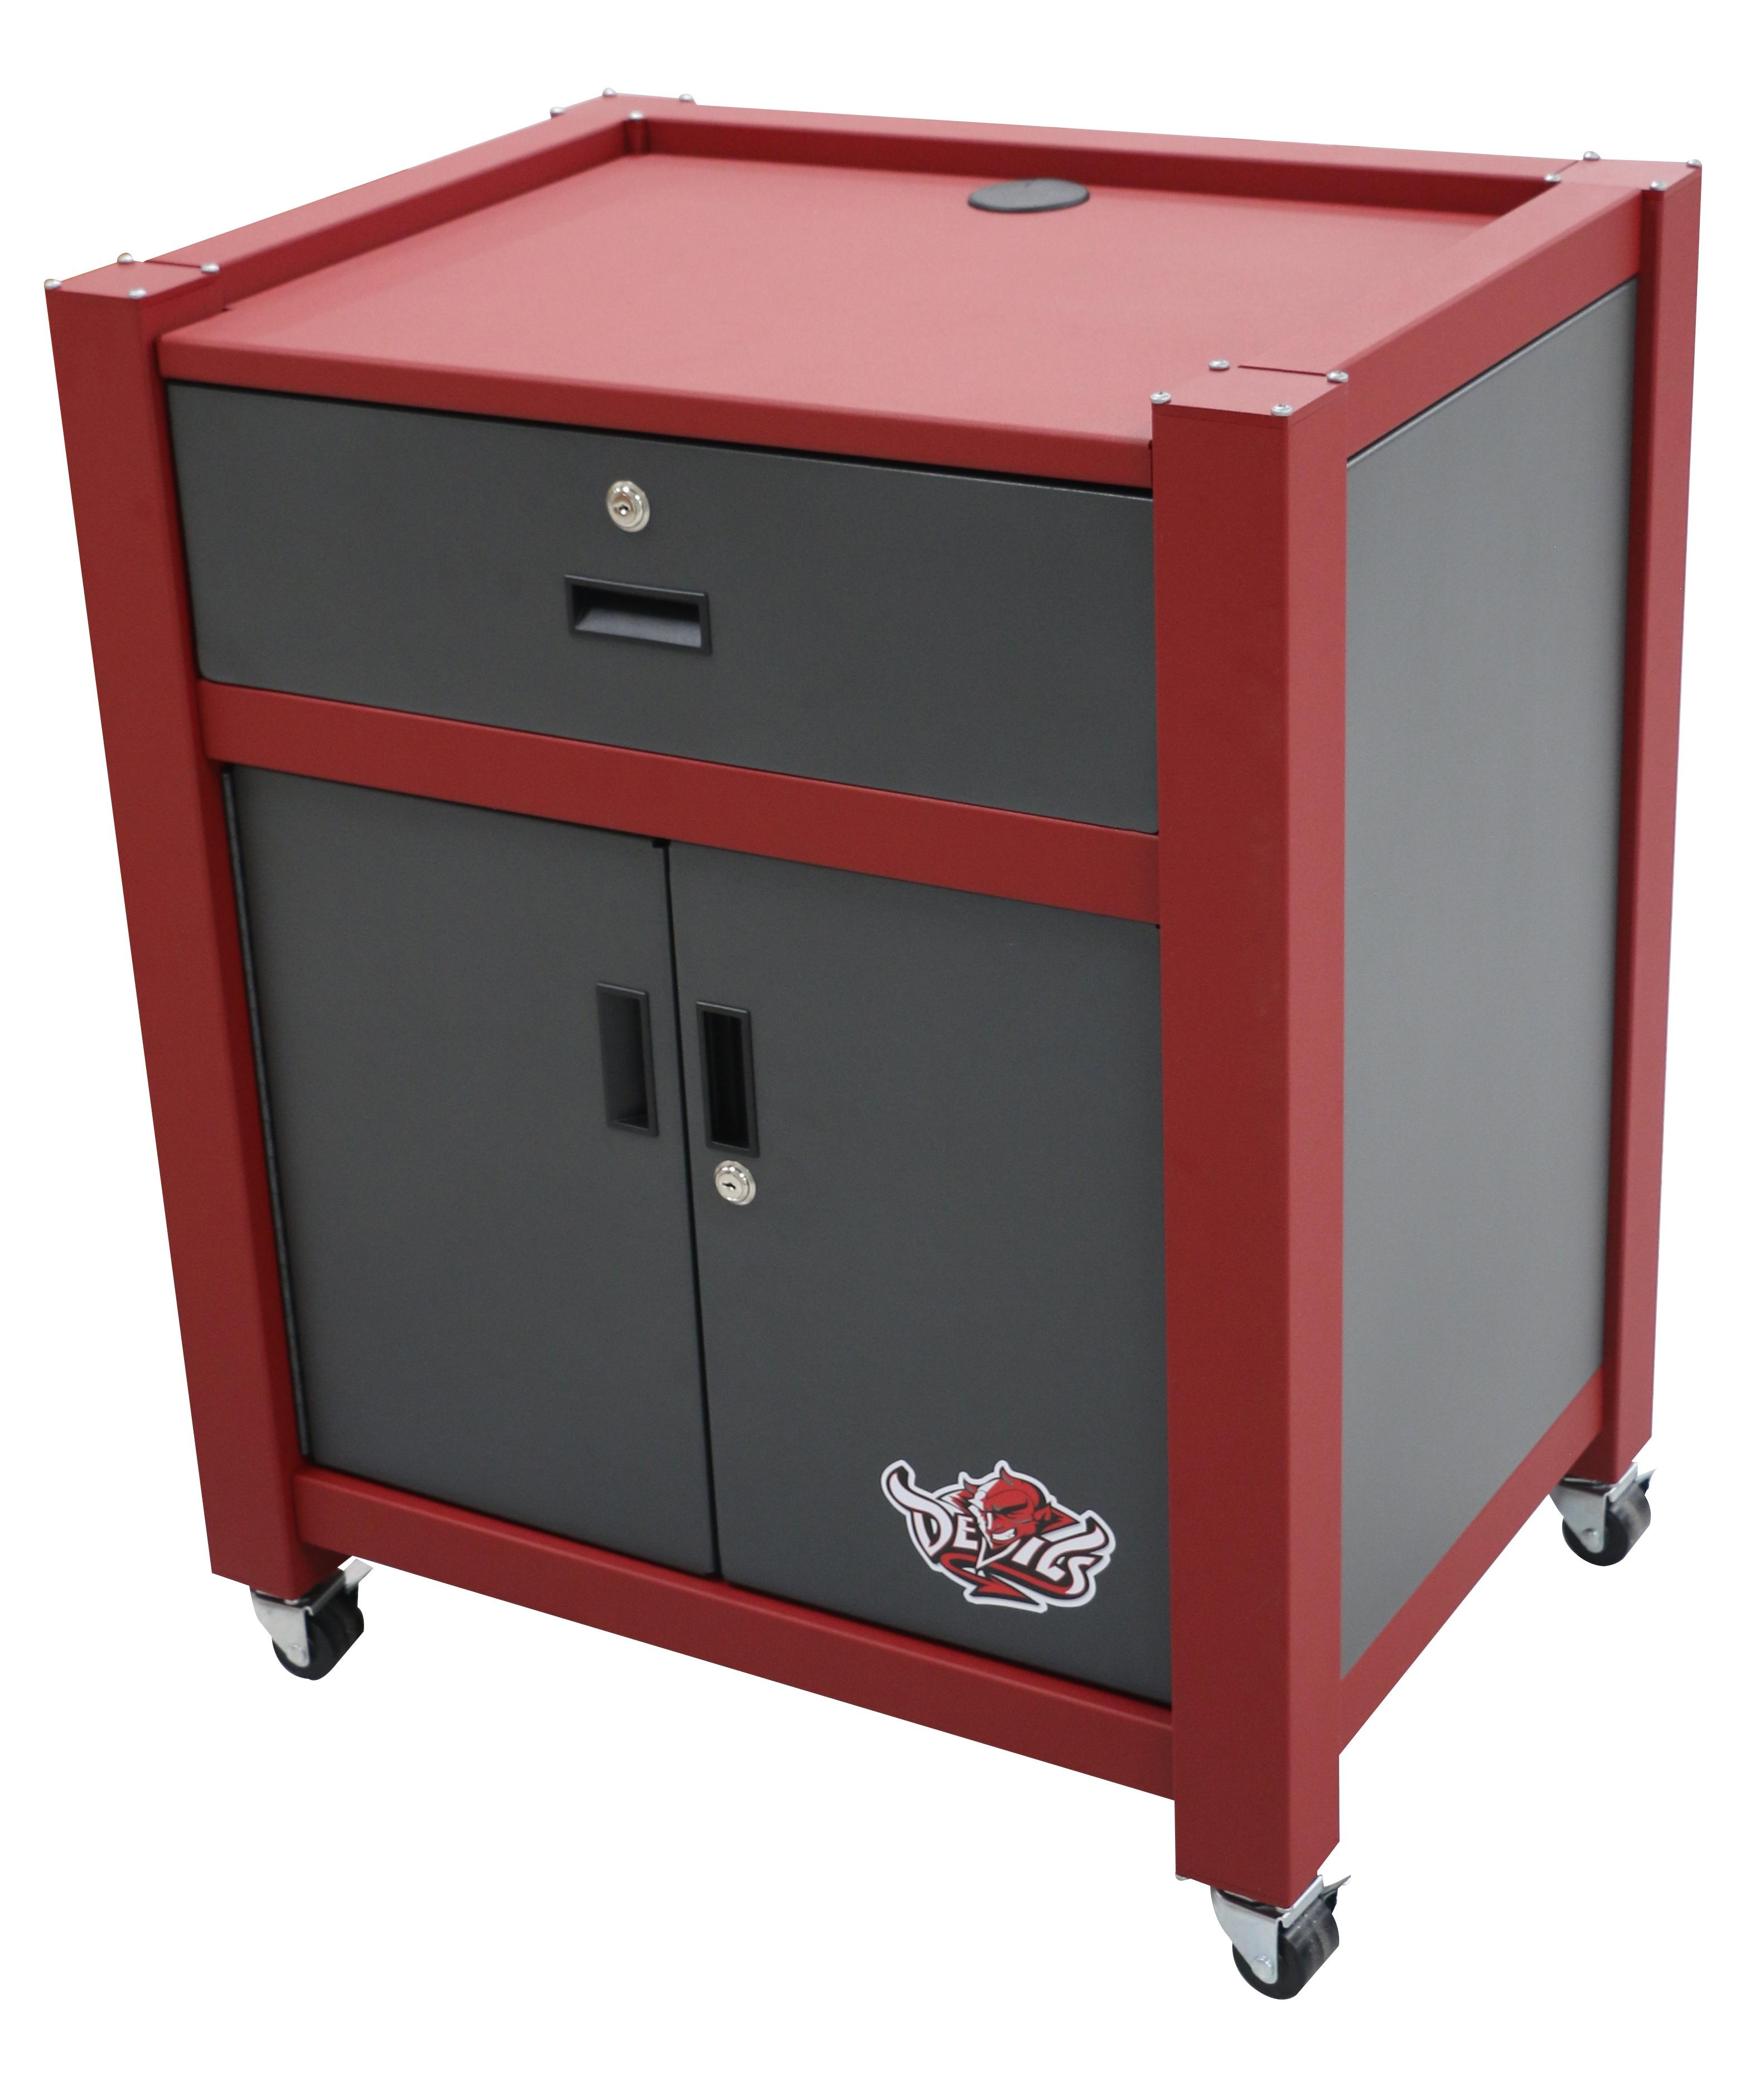 Central HS-(Modality Cart